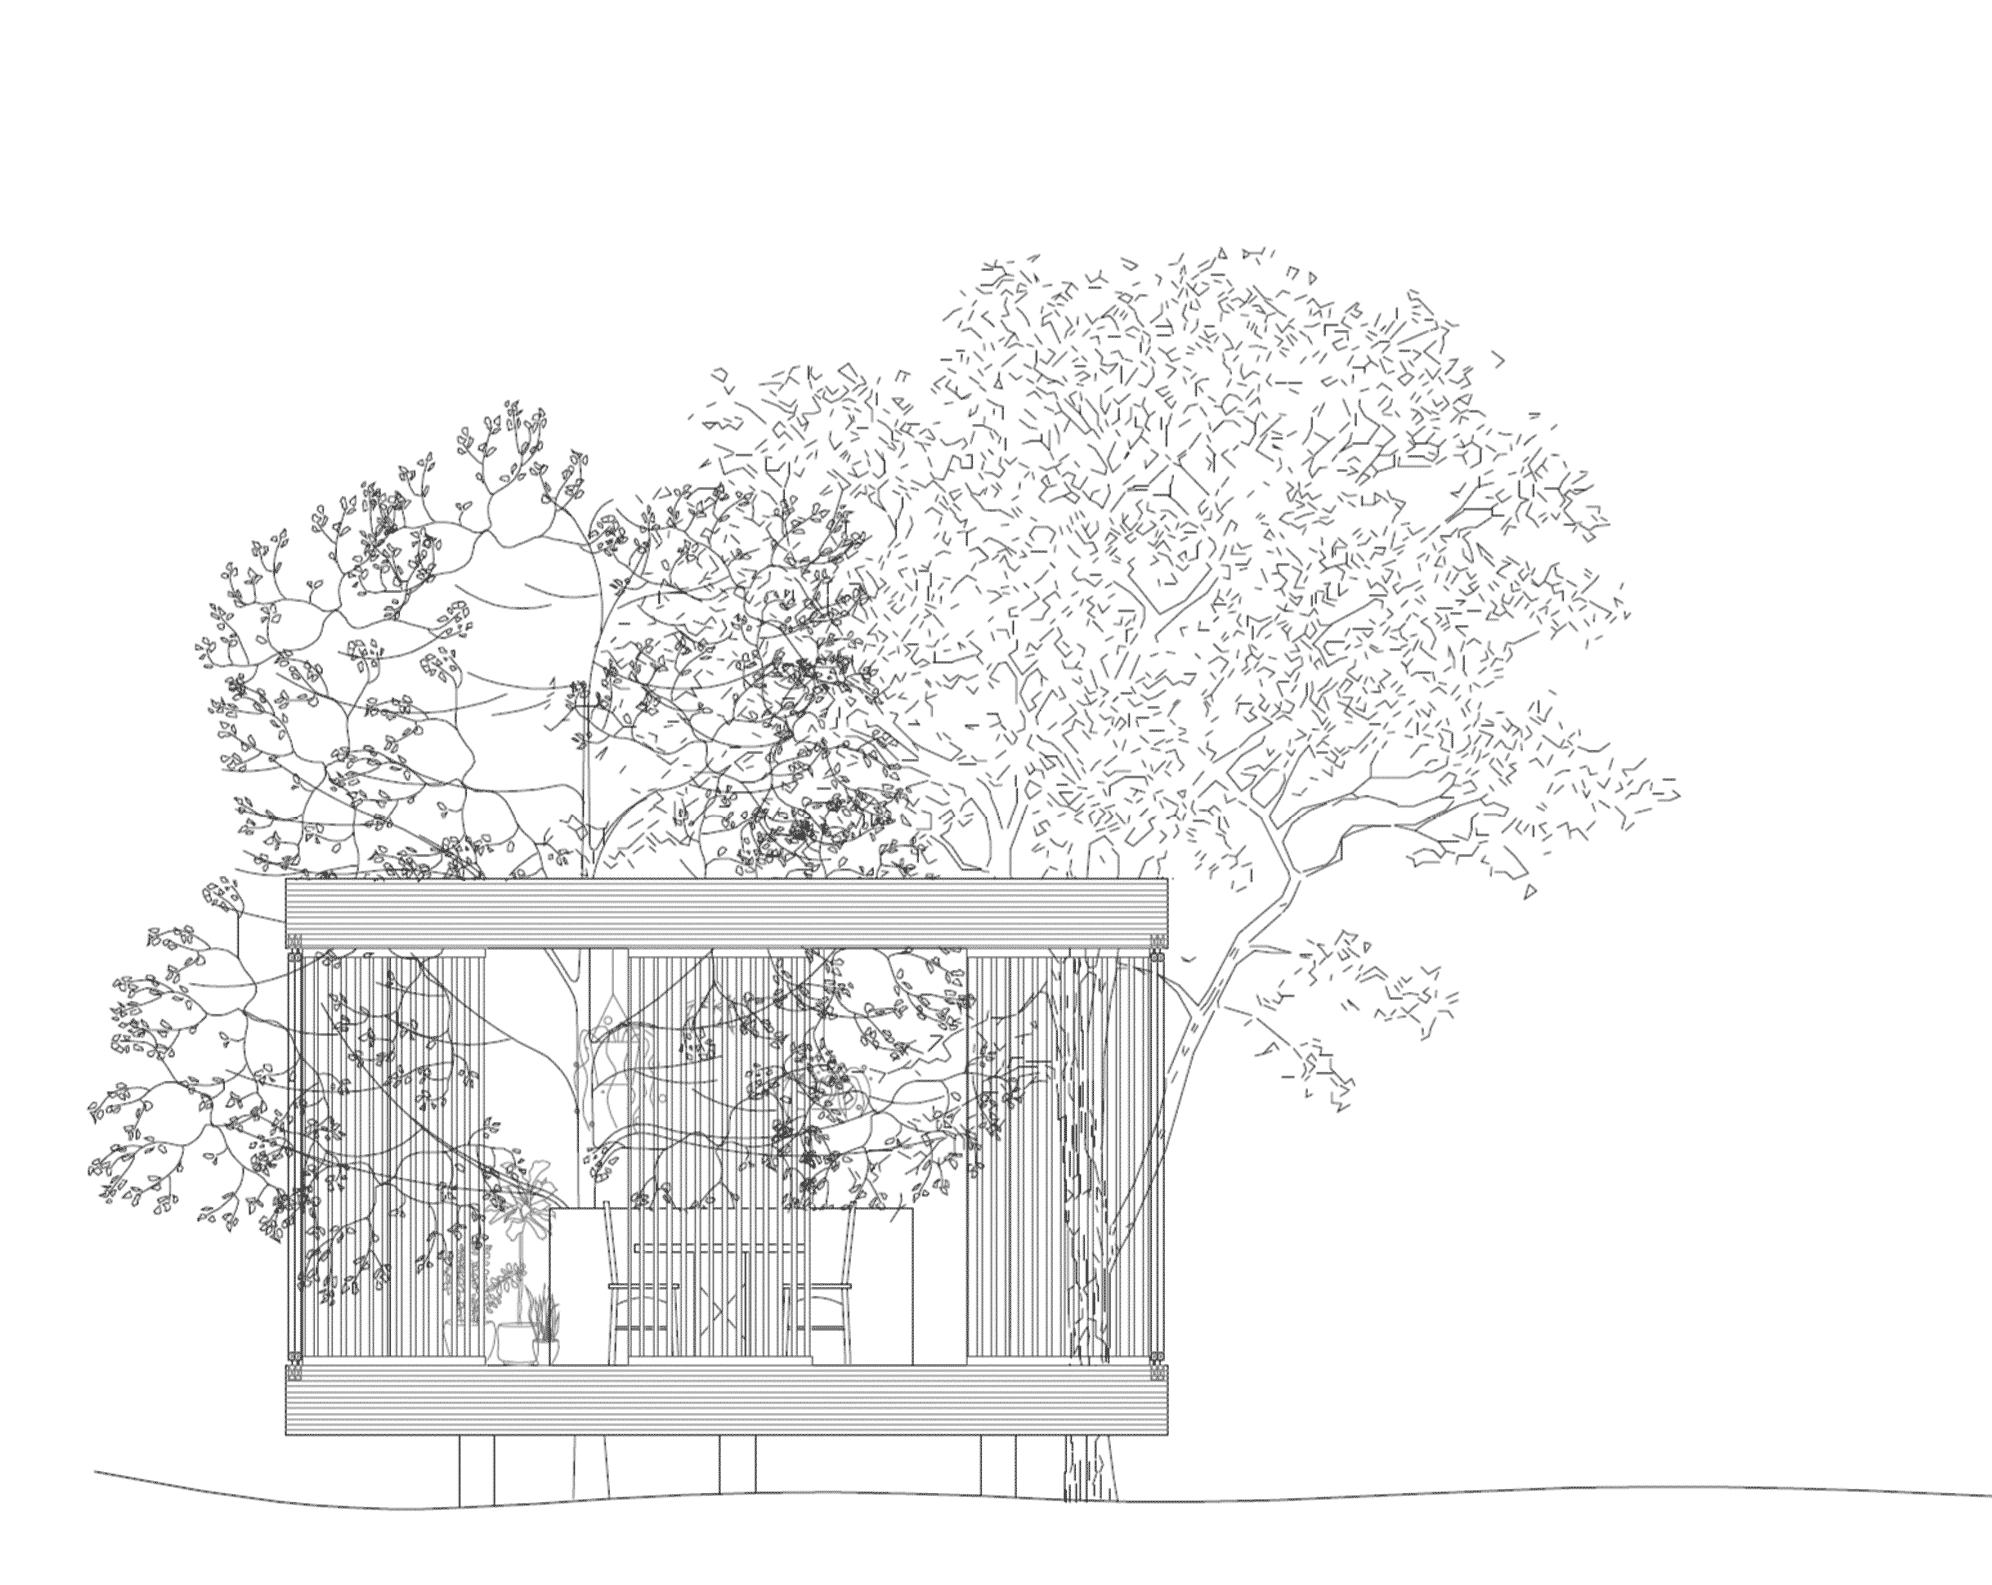 Sommarhus pergola